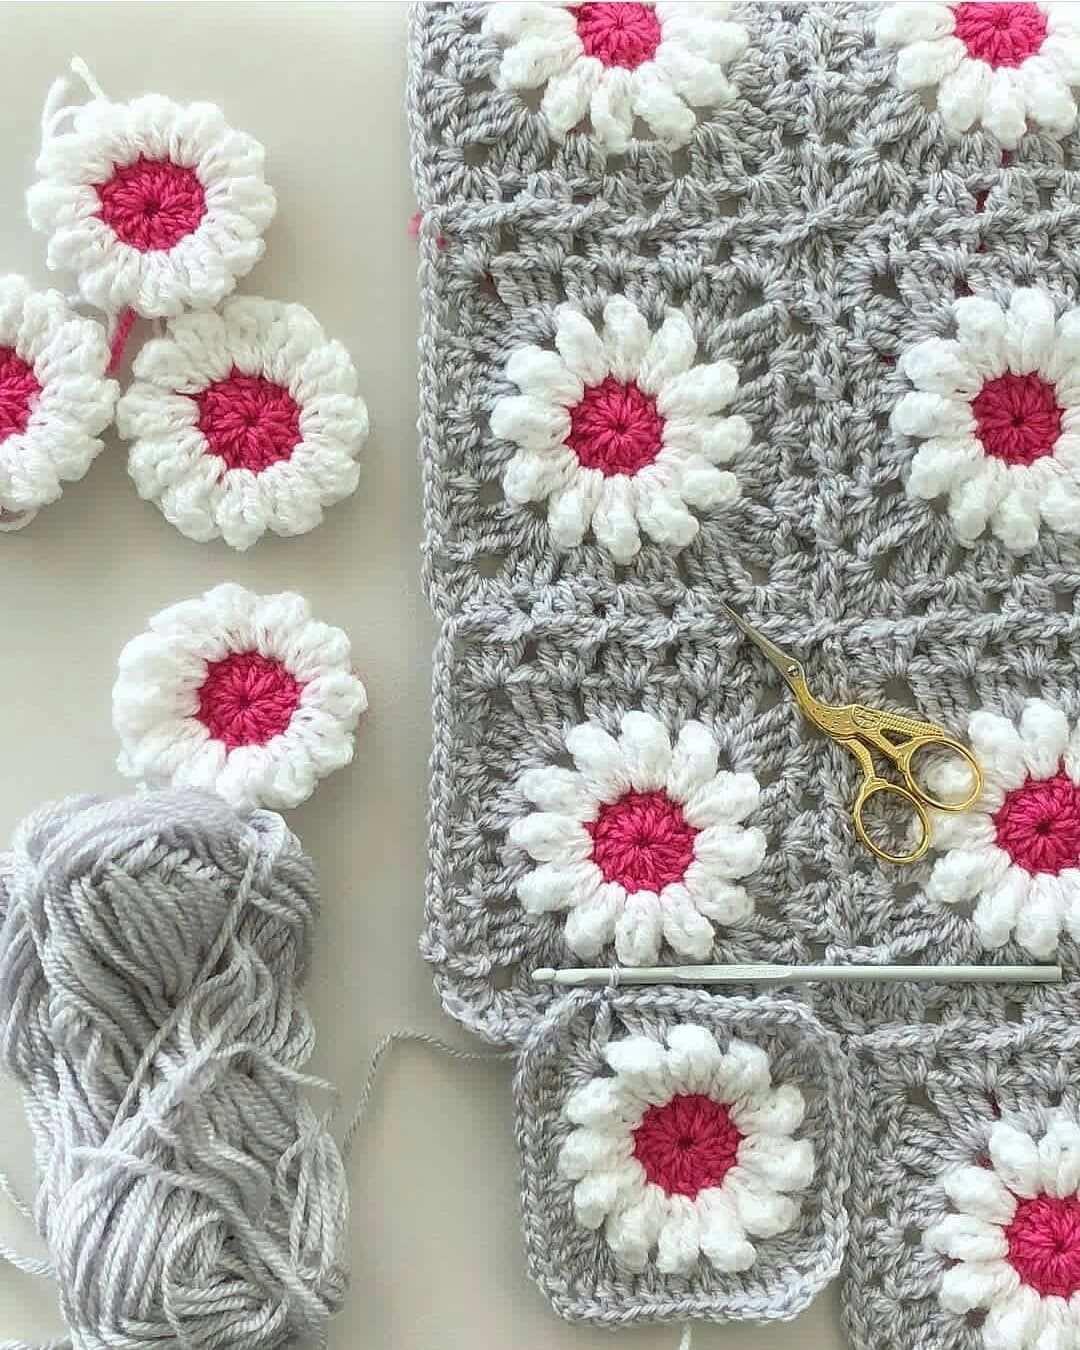 Crochet Flower Gray Quadratische Muster Hakeln Decke Hakeln Muster Patchworkdecke Hakeln